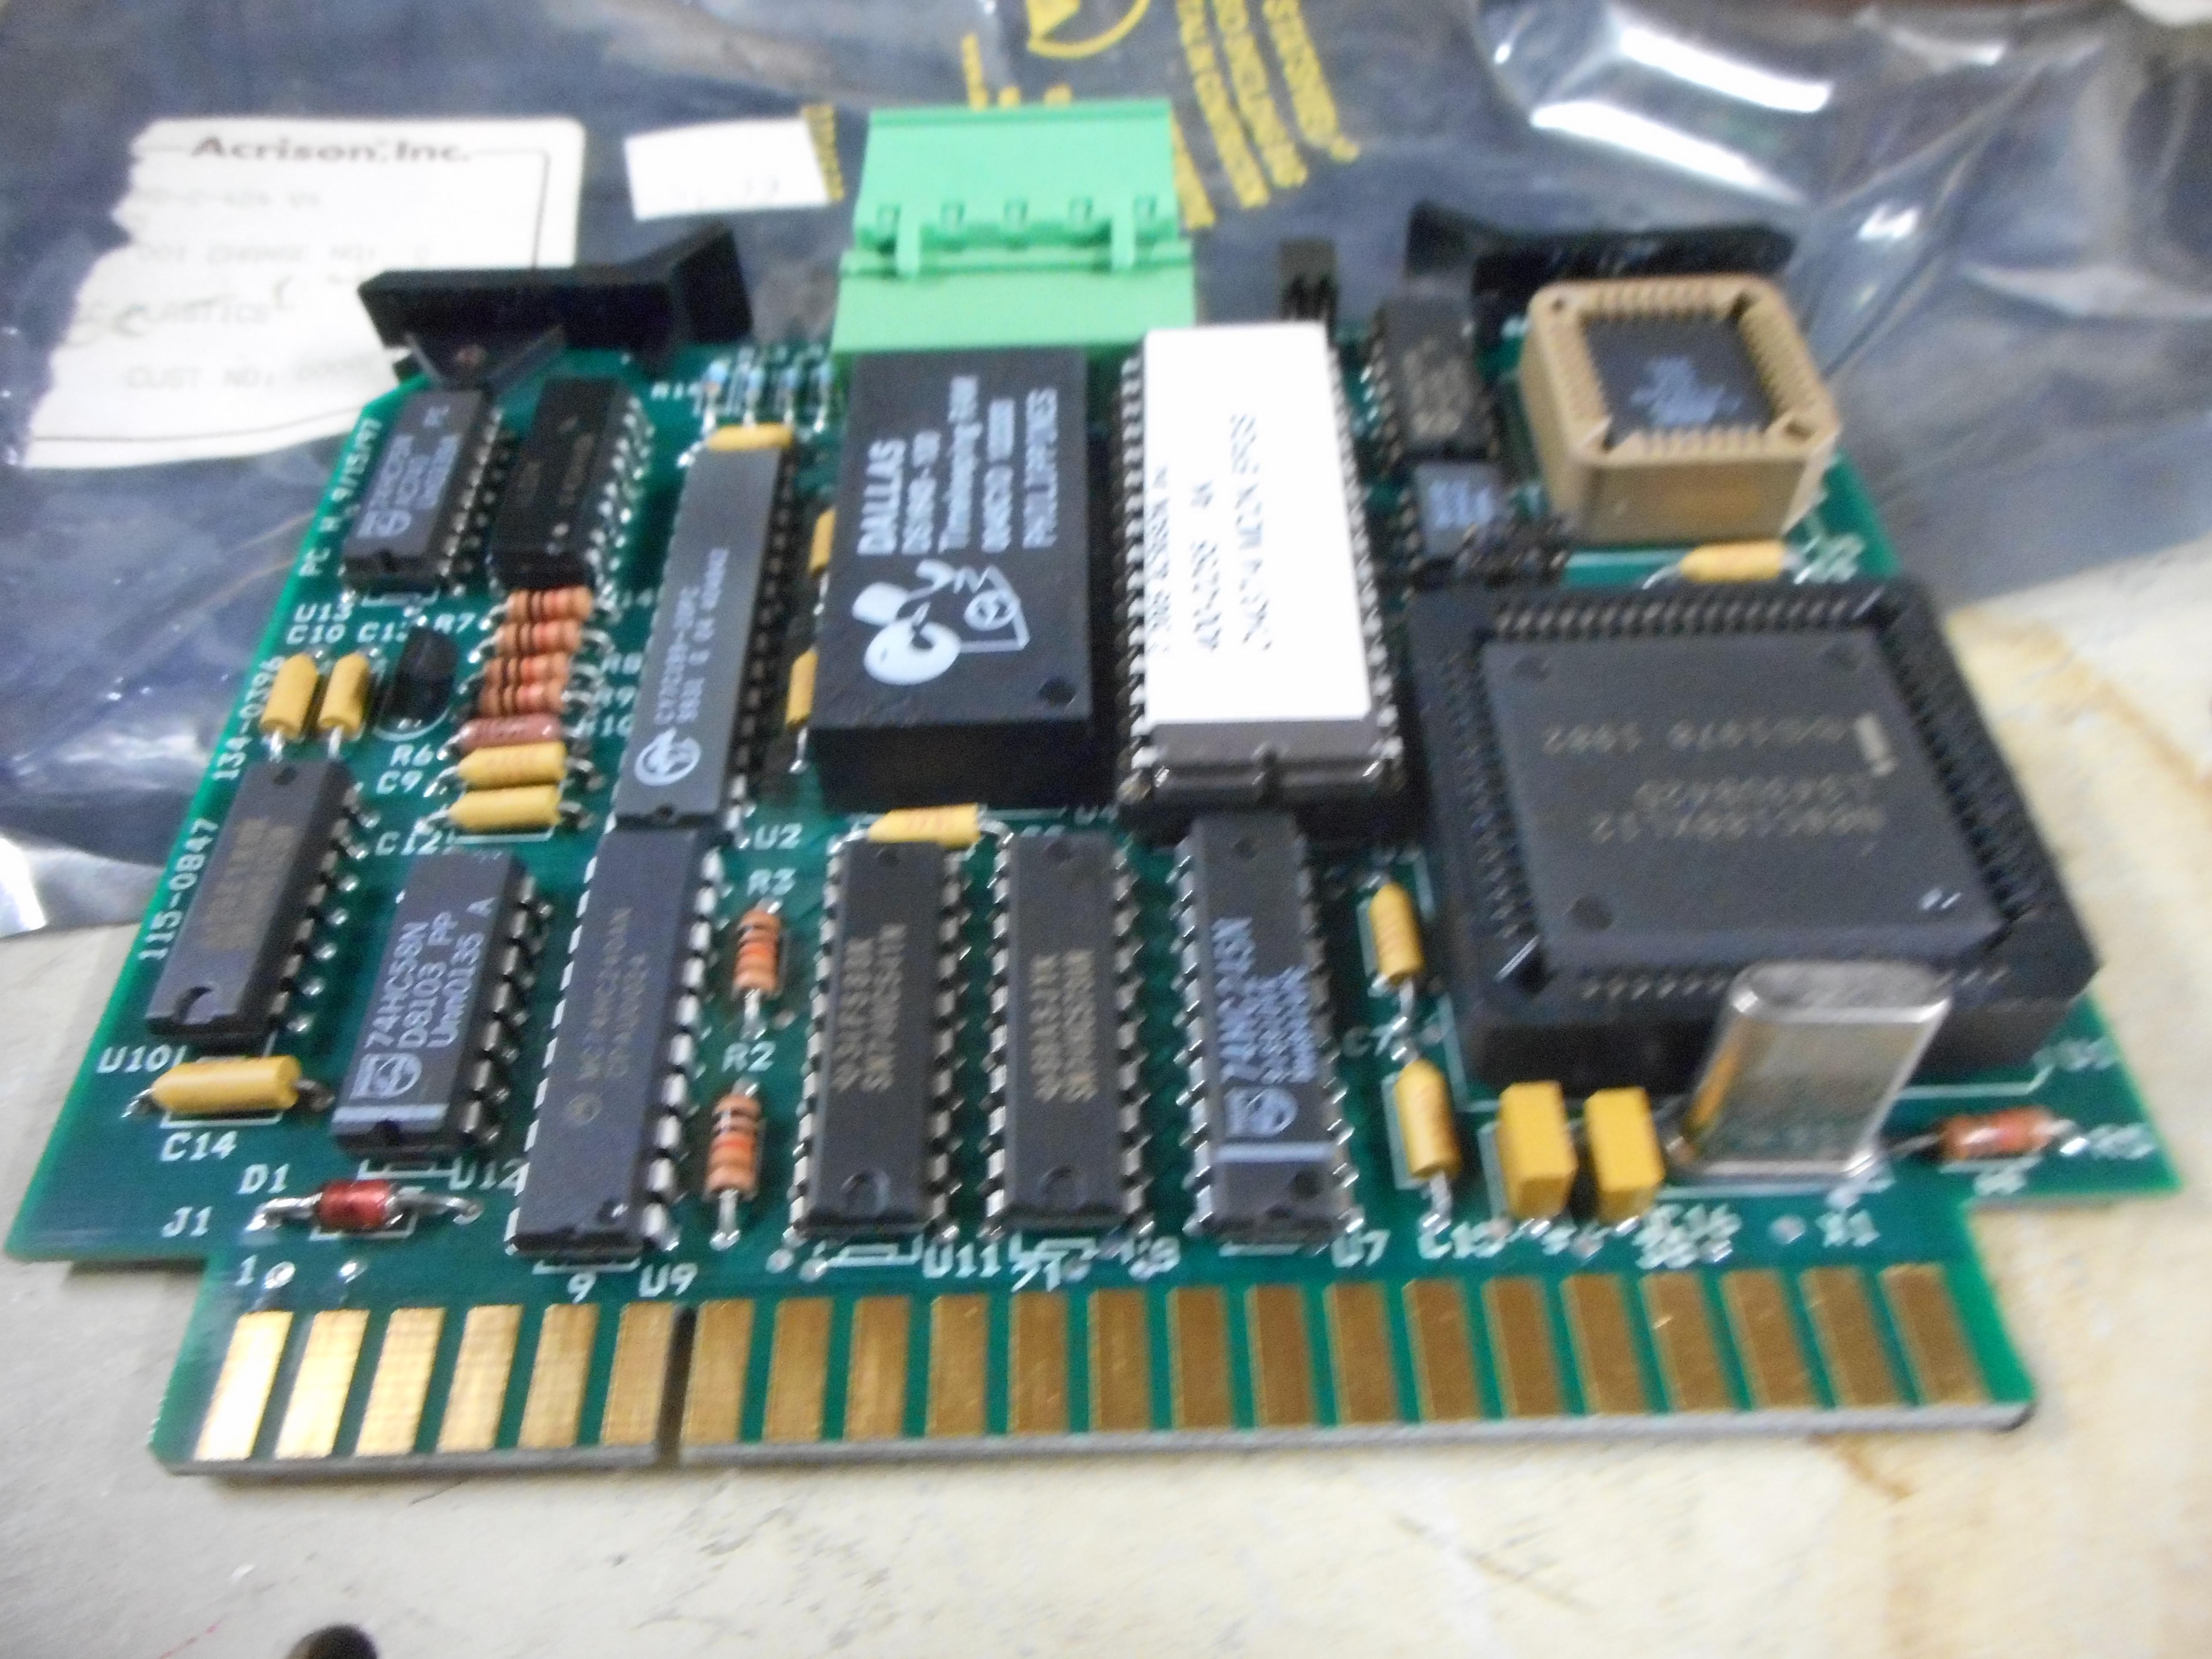 CPU BOARD #1, MDII CPU #1 MOD MD-2-424 V4, w/400-0255